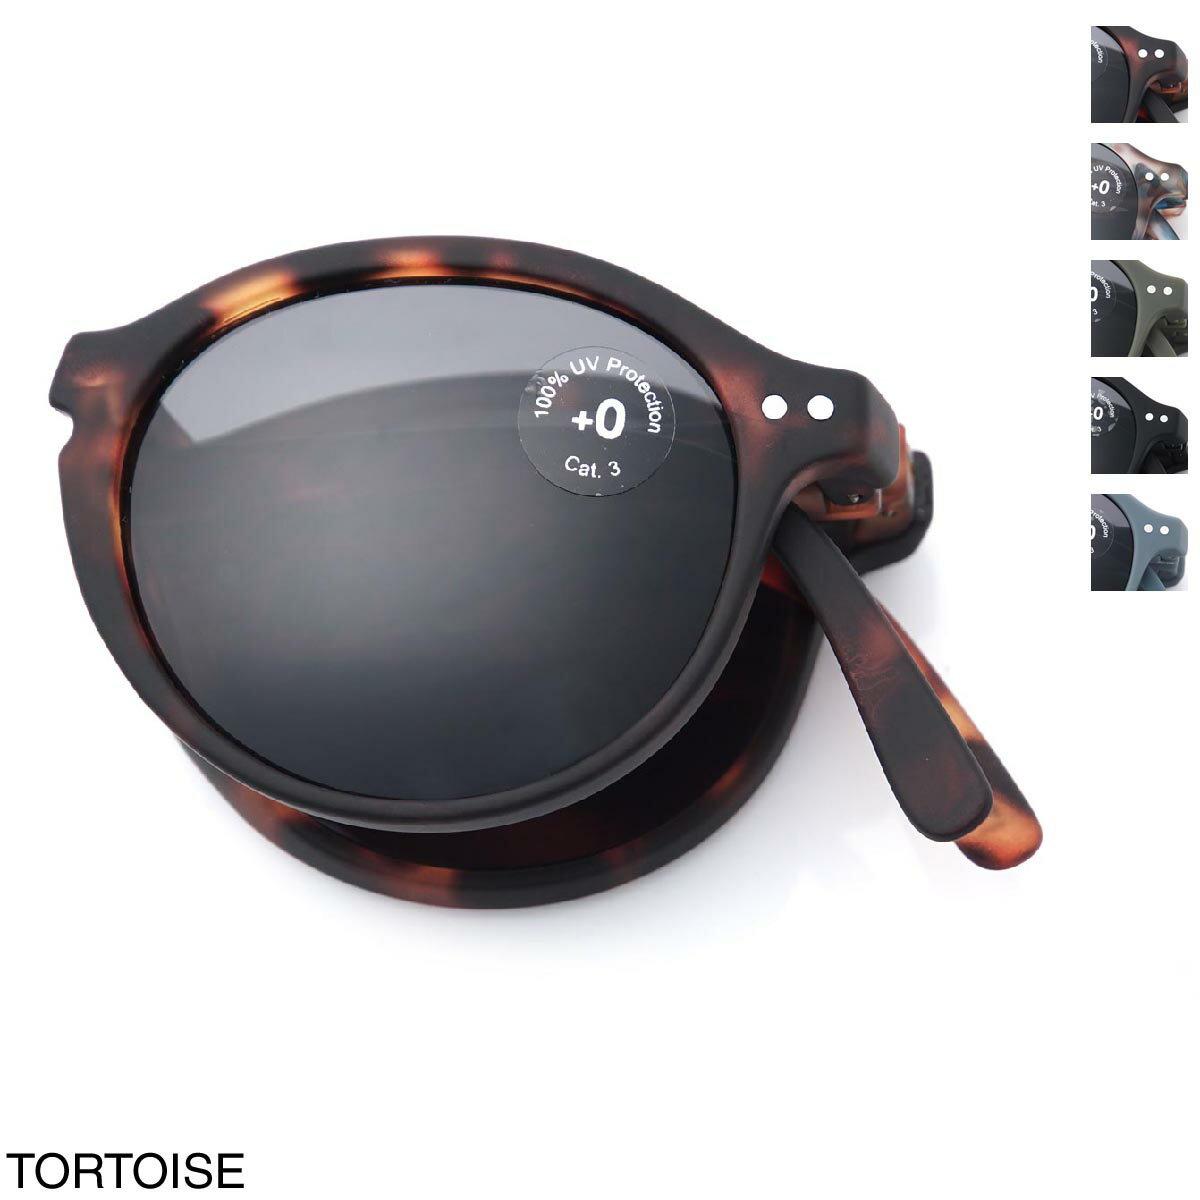 イジピジ IZIPIZI (See Concept) サングラス メンズ レディース おしゃれ デザイン 陽射し UV対策 seesun f tortoise SEESUN シーサン #F +0 CAT.3 クラウンパント【あす楽対応_関東】【180714】